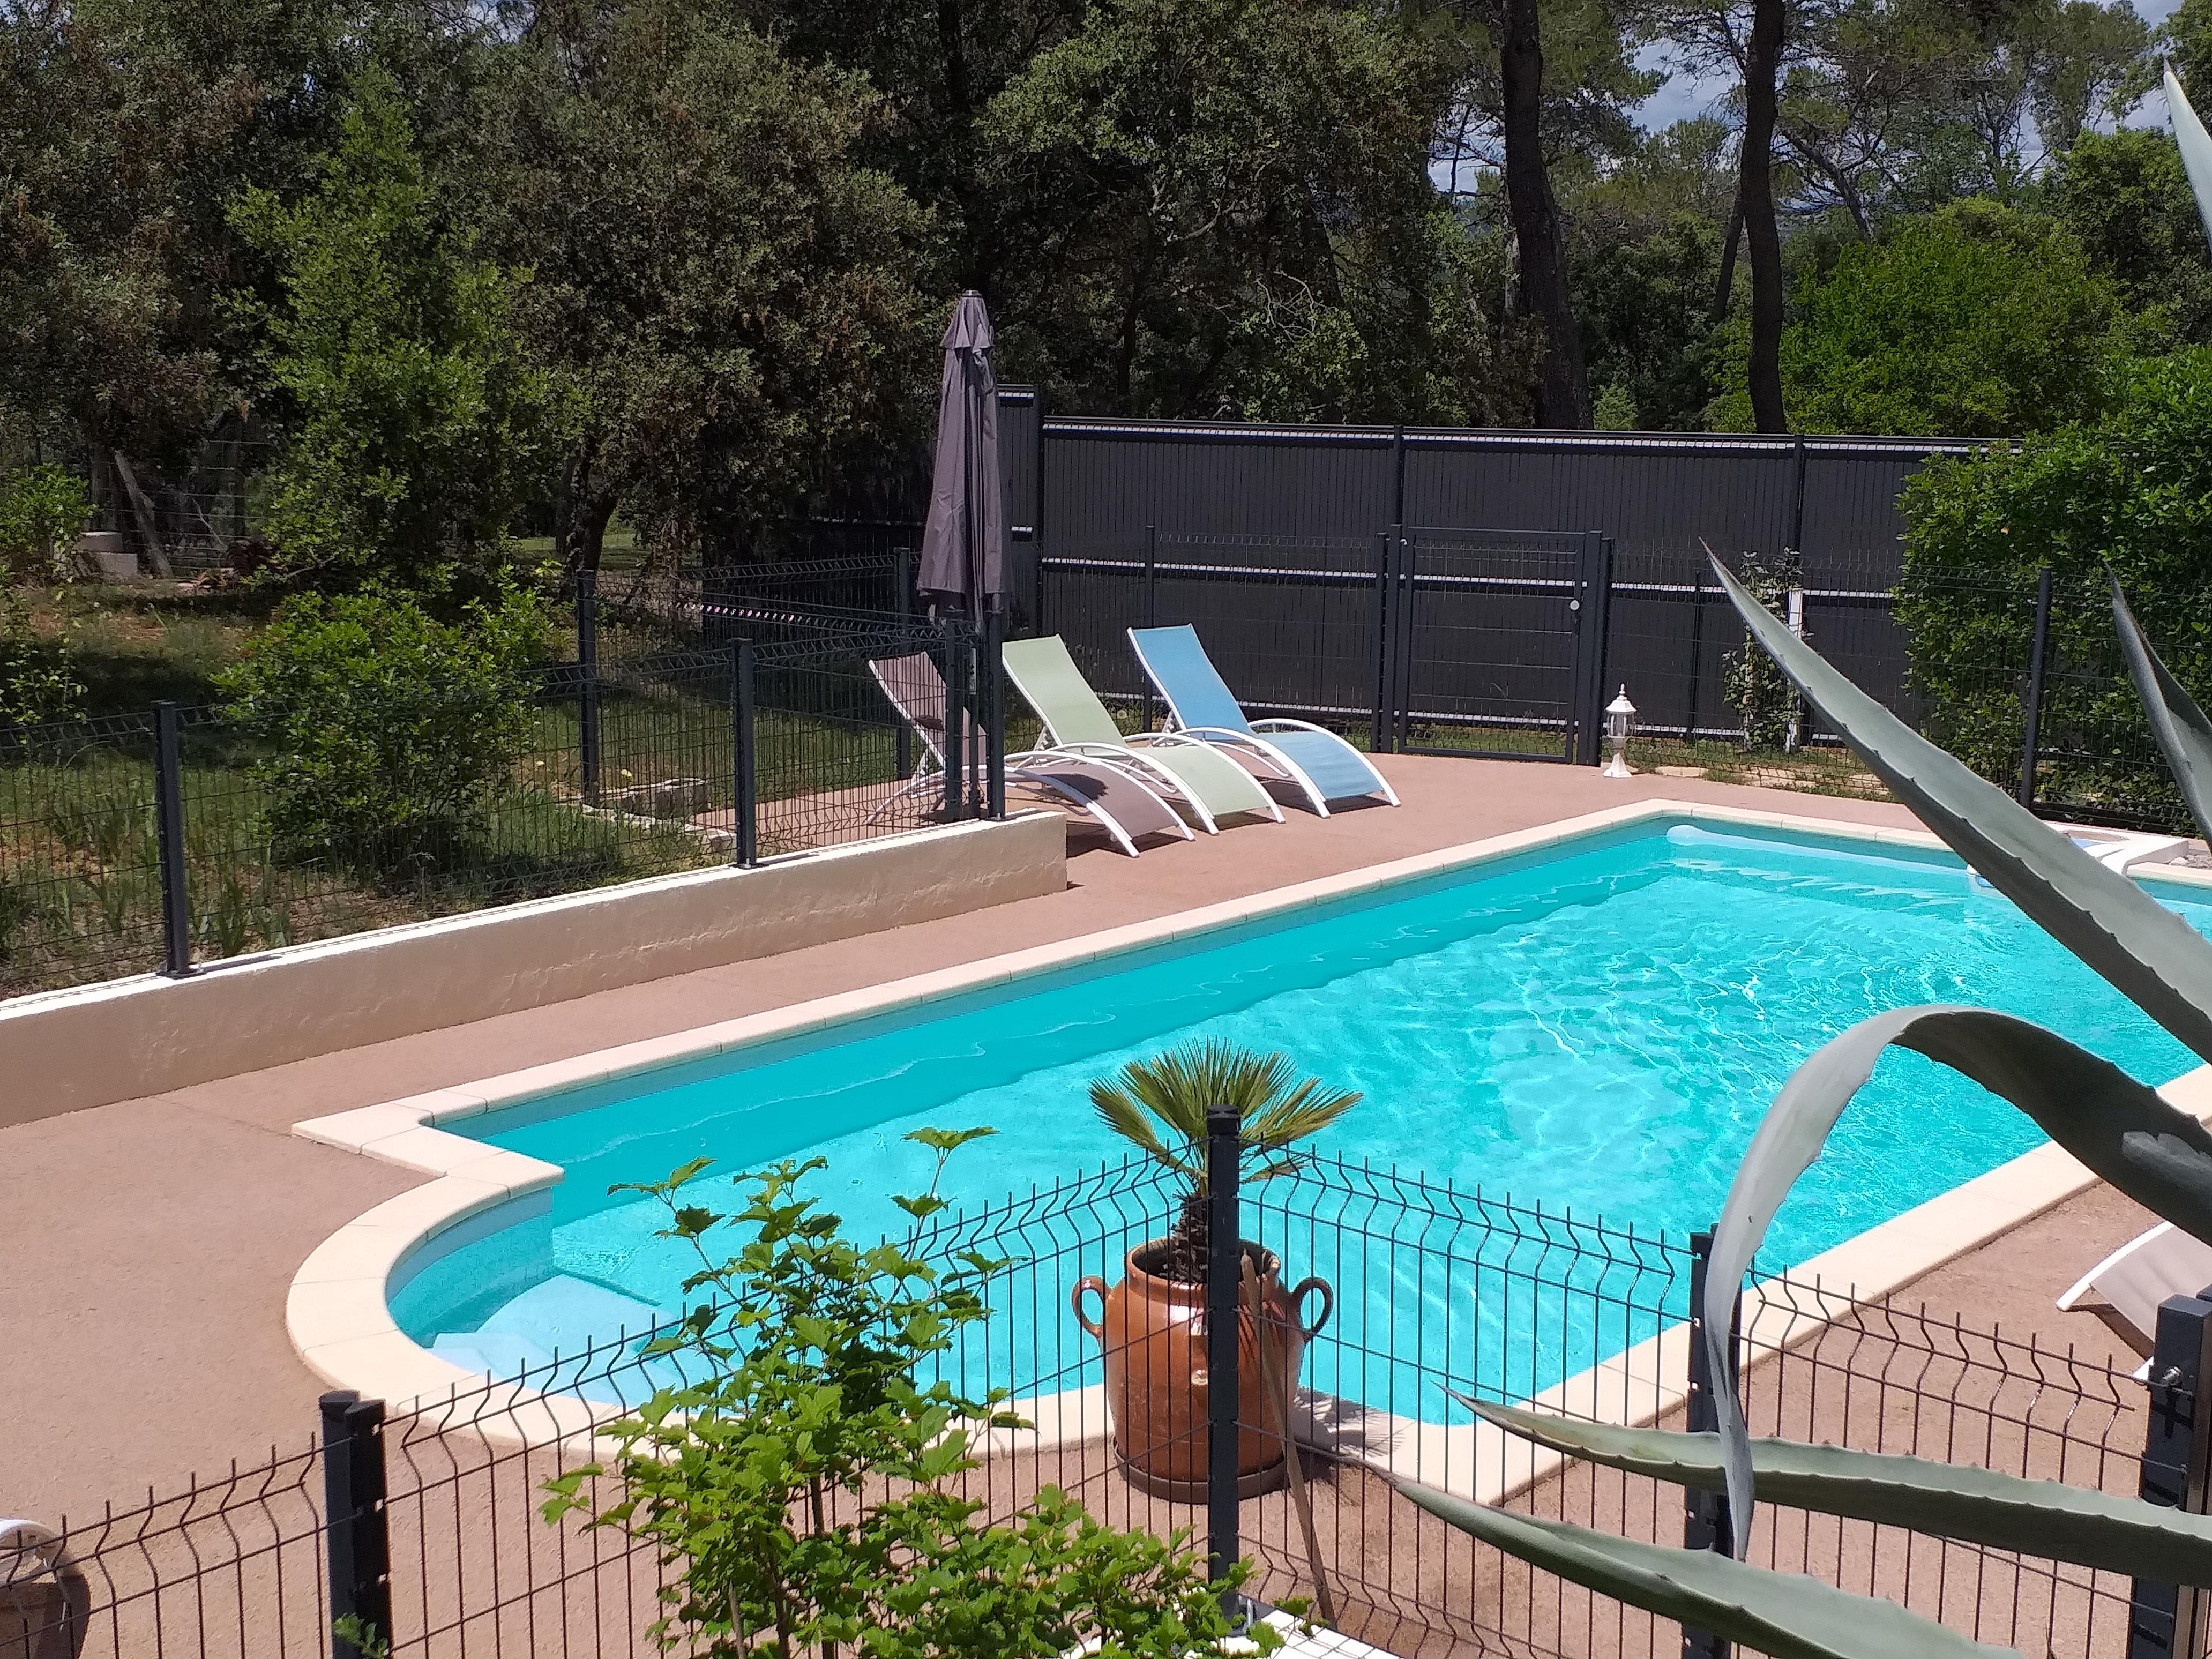 piscine - gite roulotte entre vignes et oliviers - cevennes - gard